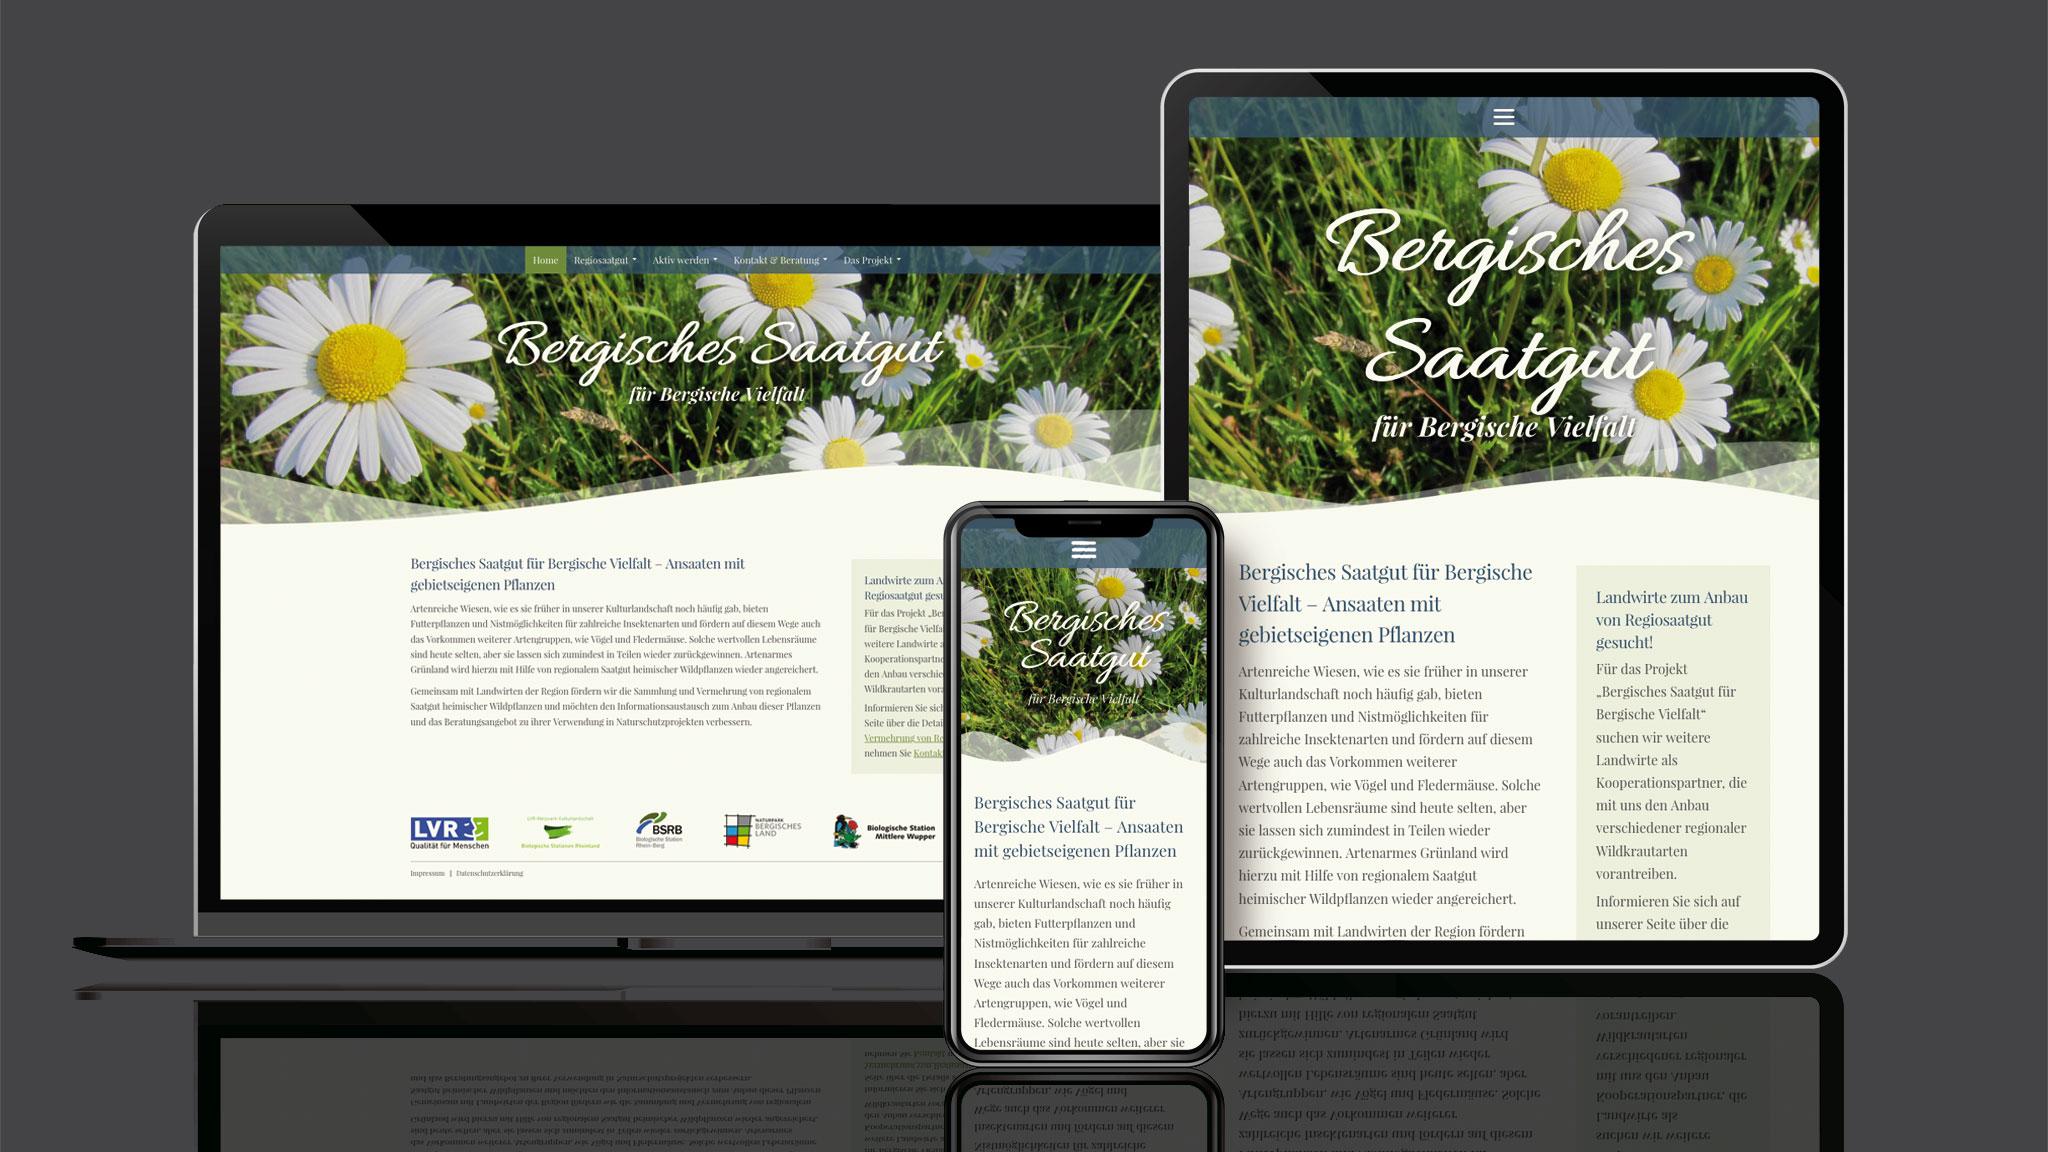 bergisches-saatgut_website01